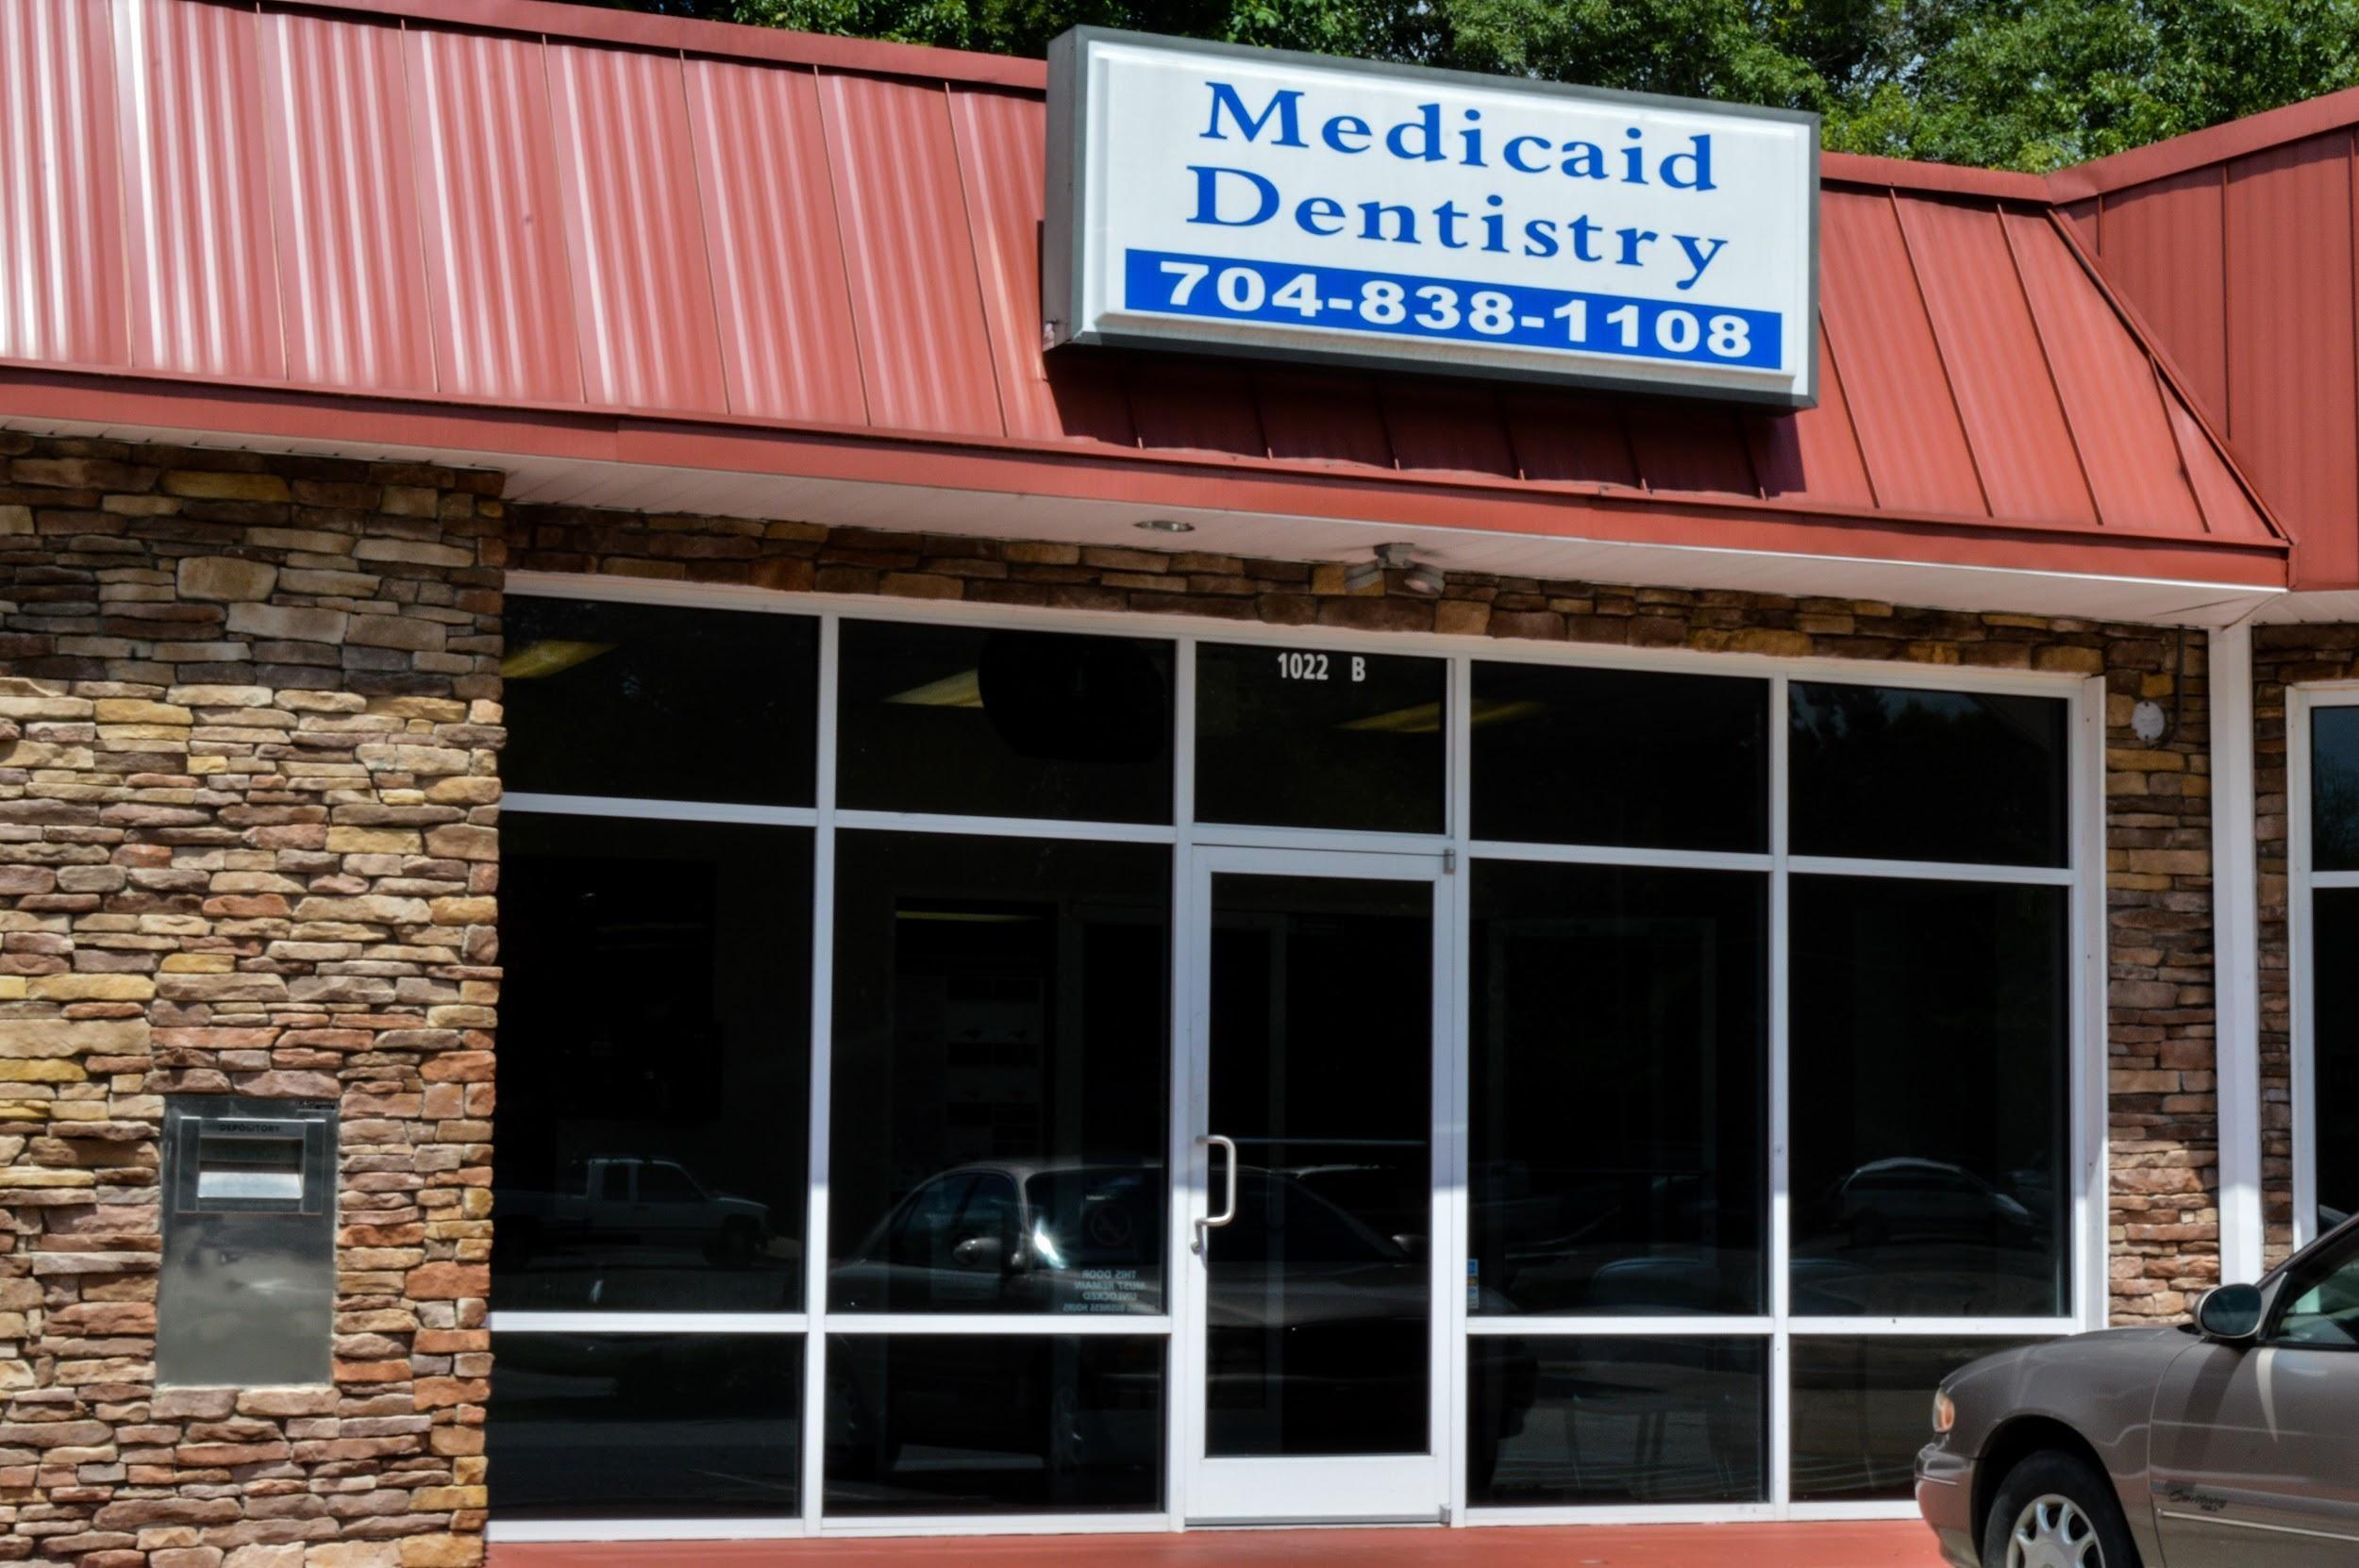 Medicaid Dentistry-Shoppes on Shelton